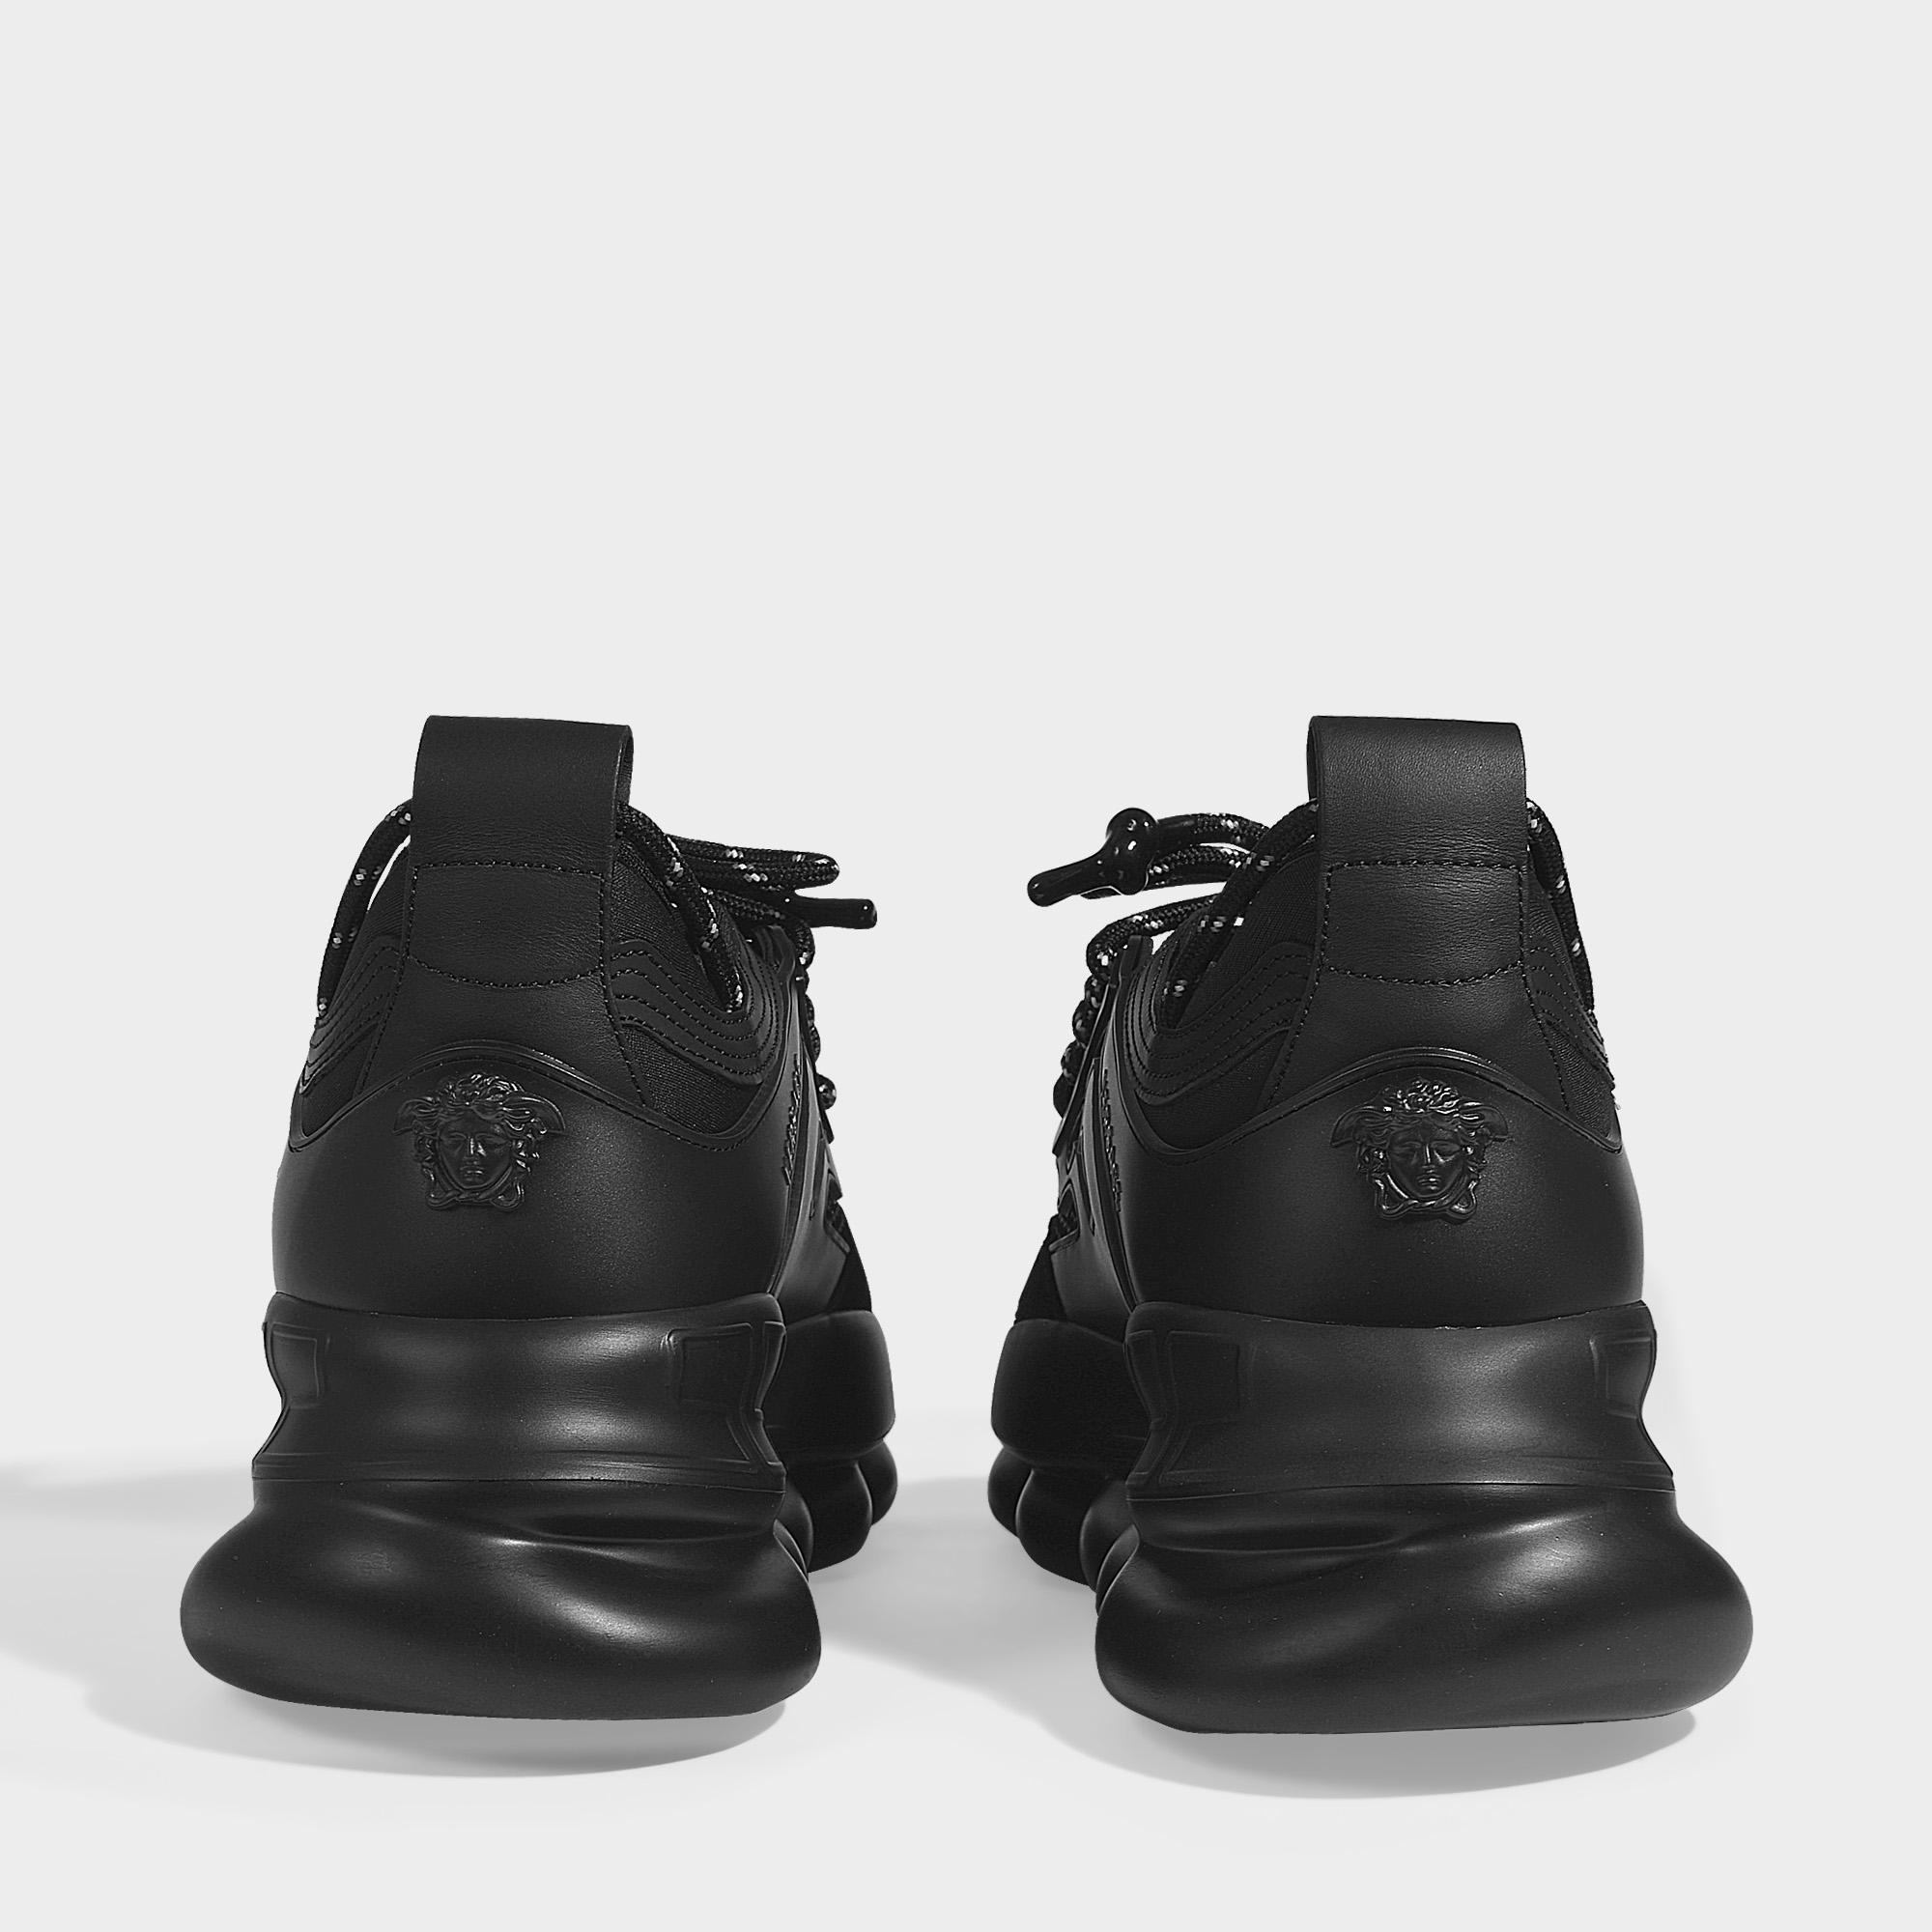 71 Versace En Baskets Noir Toile Noire Coloris Chain Reaction 3q5RjL4A